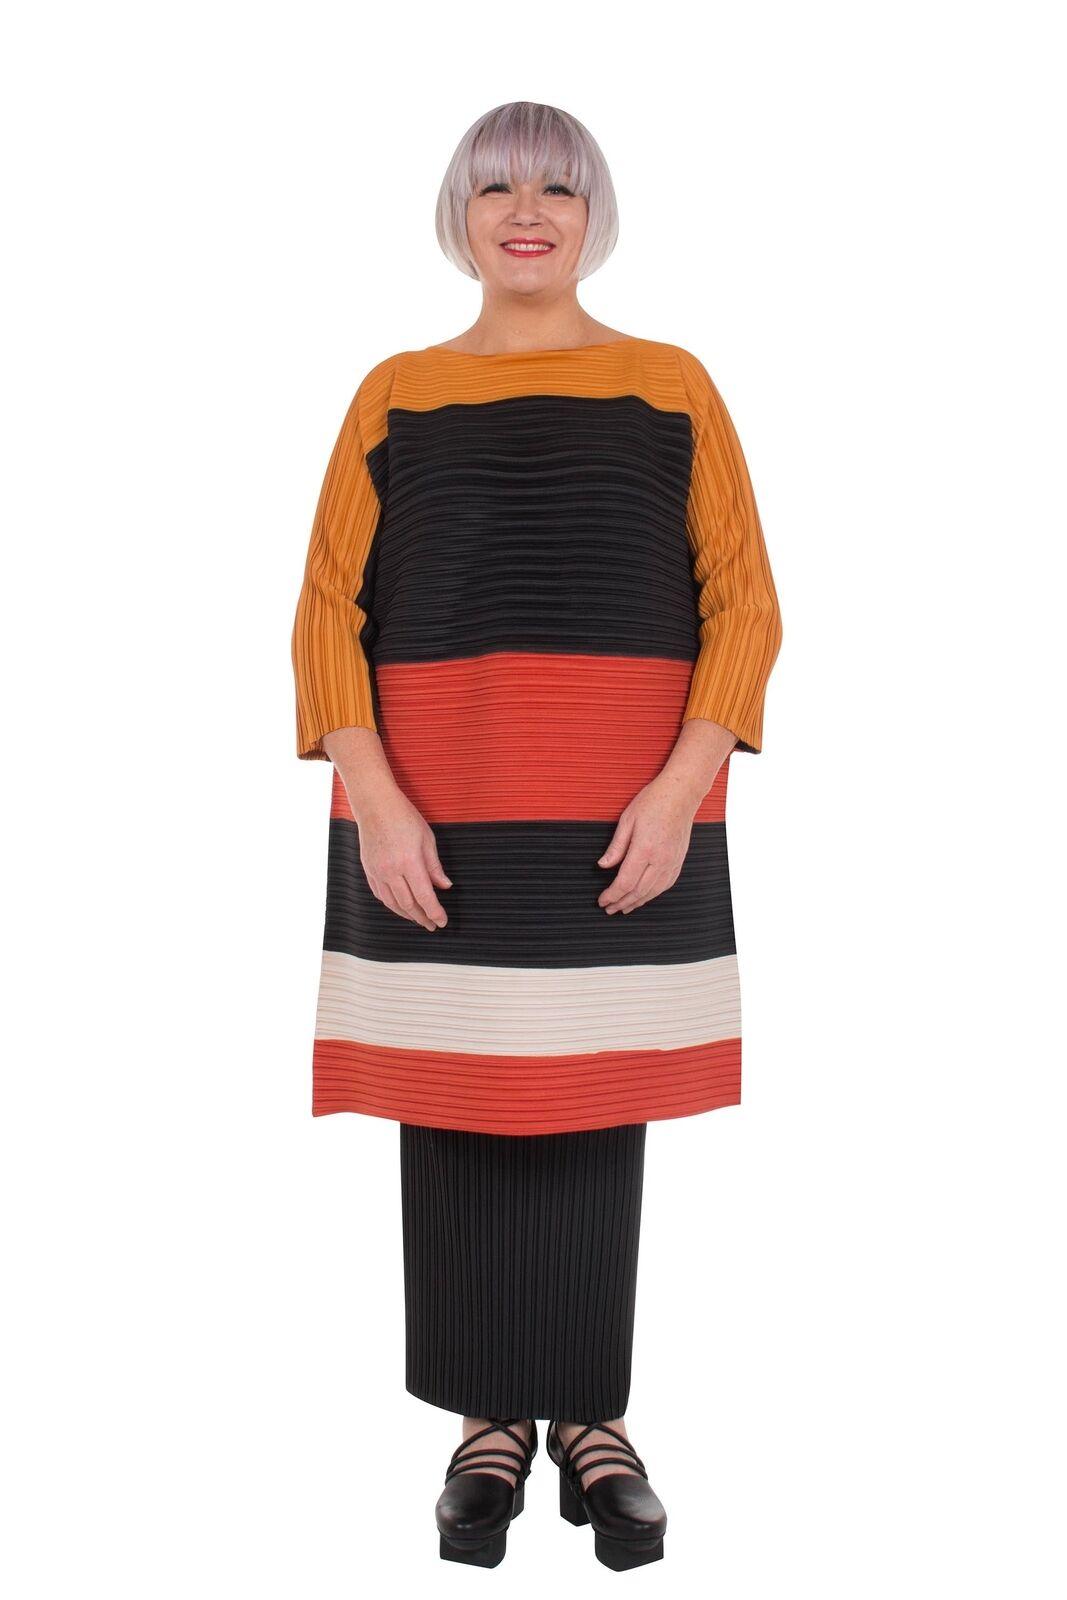 Idaretobe Stripe Righe Con Pieghe Tunica vendita vendita vendita prezzo consigliato  .00 Taglie  14-16 16-18 20-22 b08c18